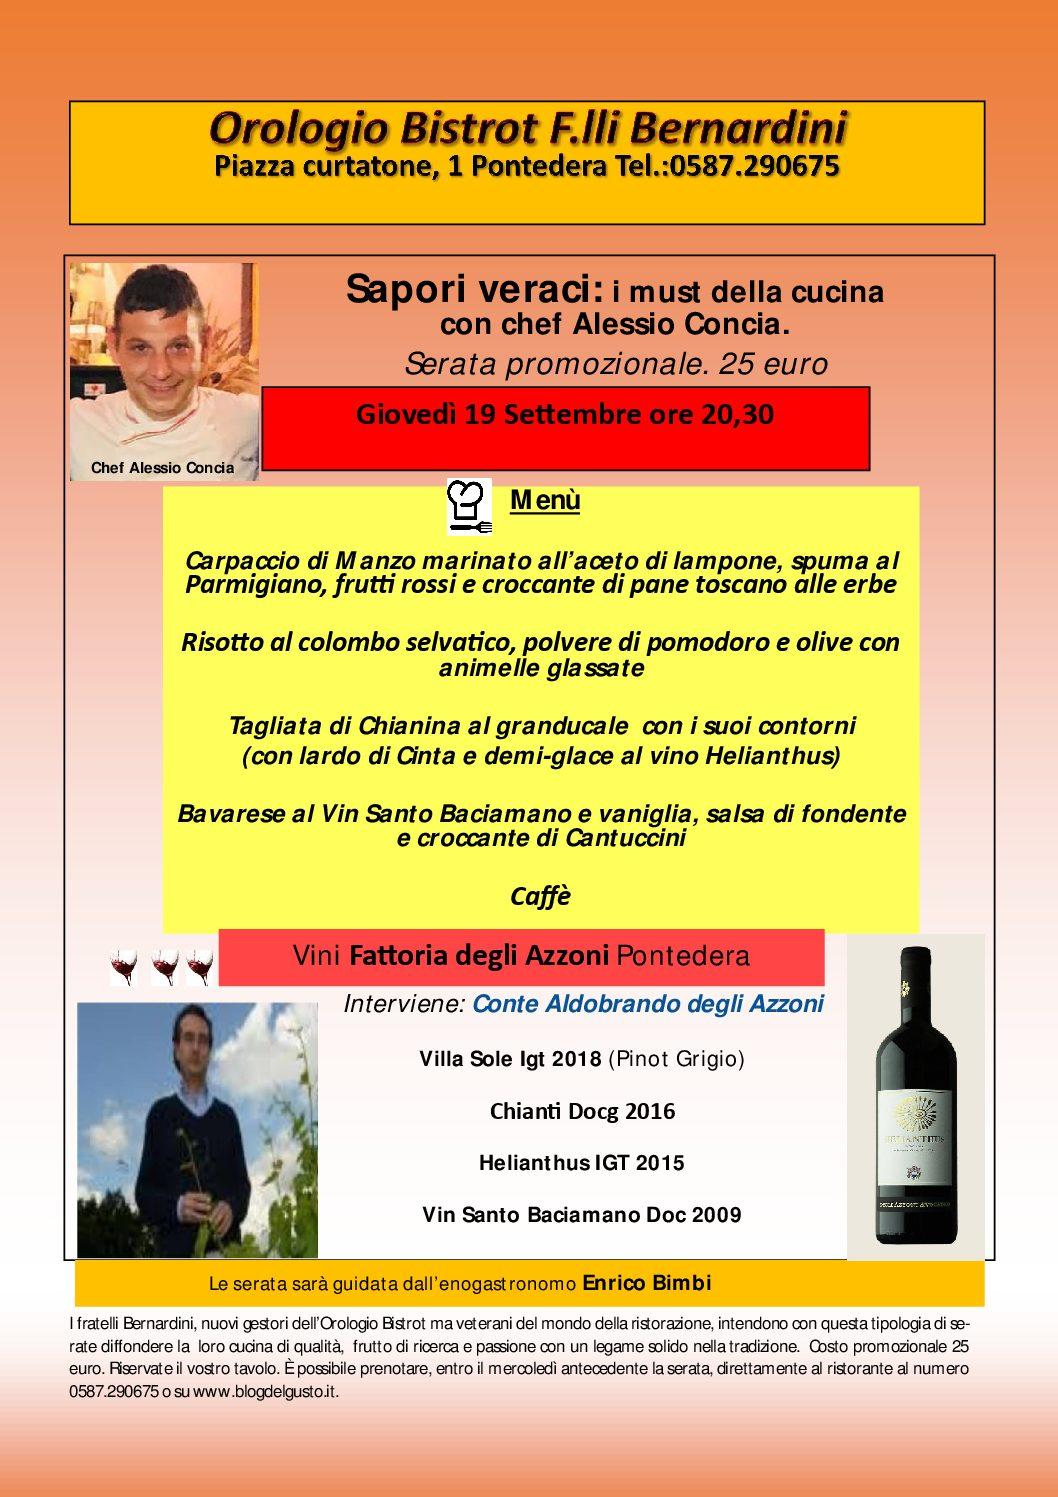 I F.lli Benardini presentano l'Orologio Bistrot con evento promozionale dedicato ai must della cucina e ai vini della Fattoria degli Azzoni